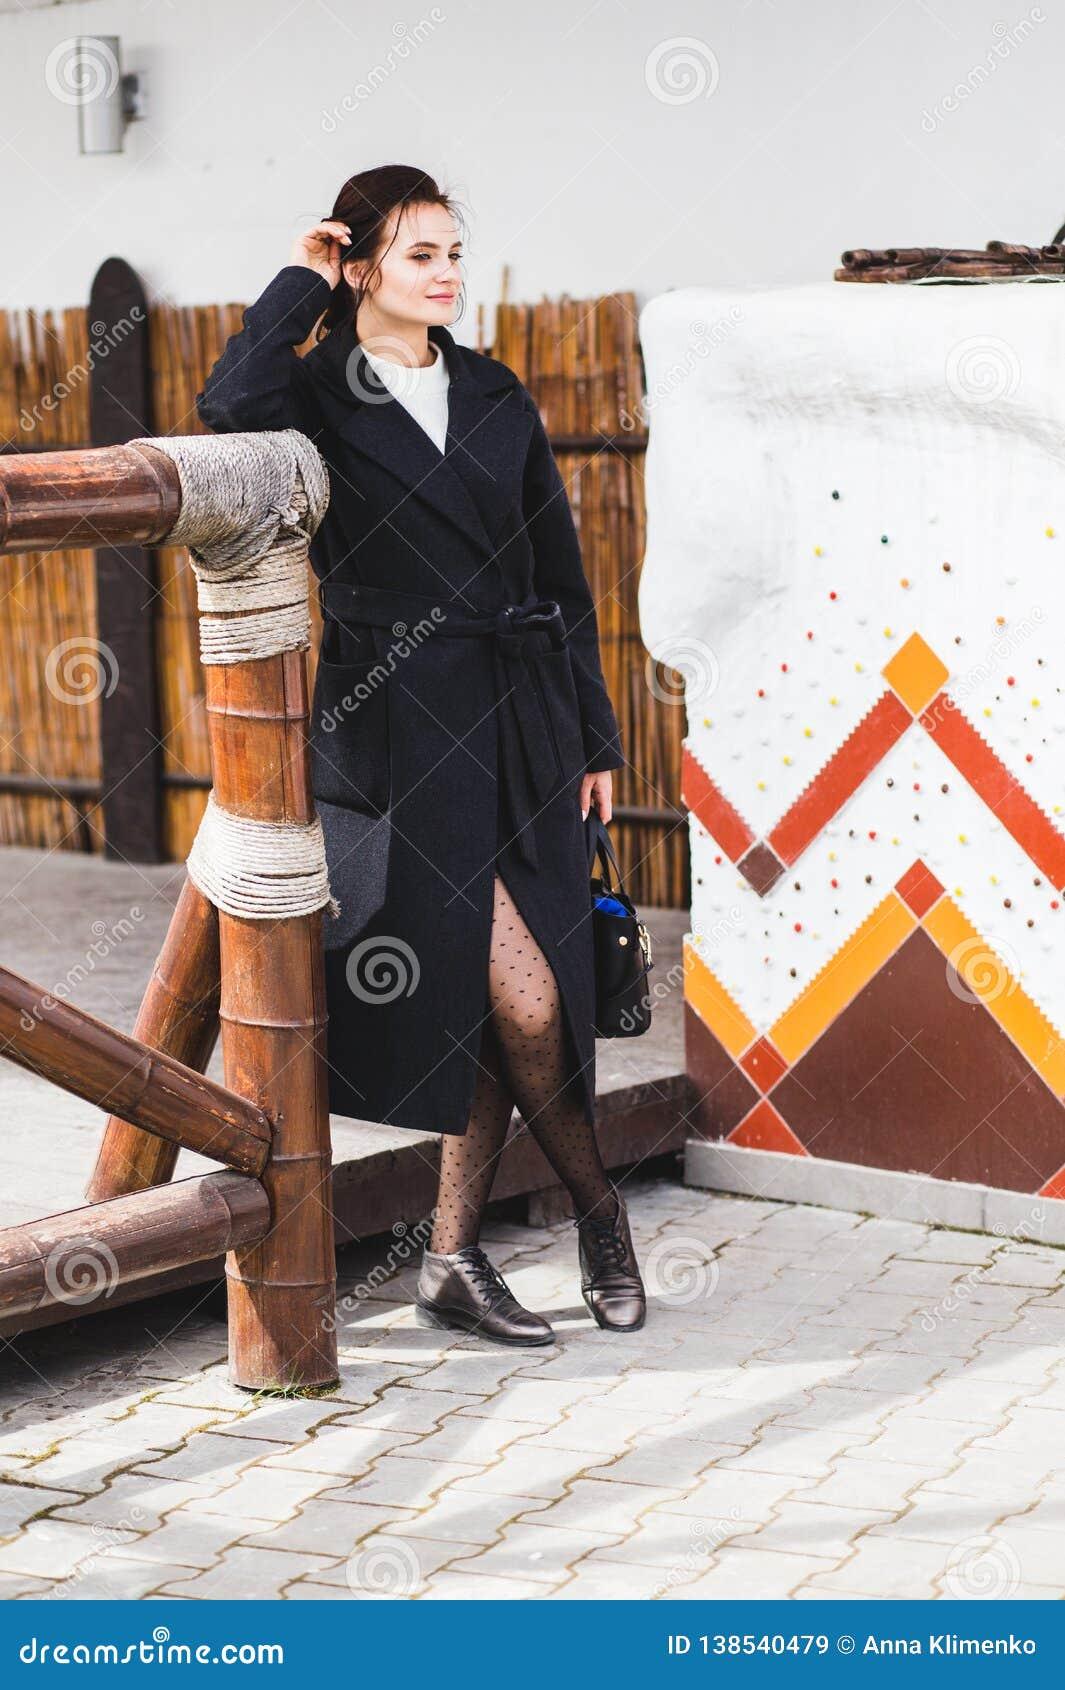 Hübsches Frauenmodell der Mode, das einen dunklen Mantel und eine weiße Strickjacke aufwerfen über ethnischem Hintergrund trägt